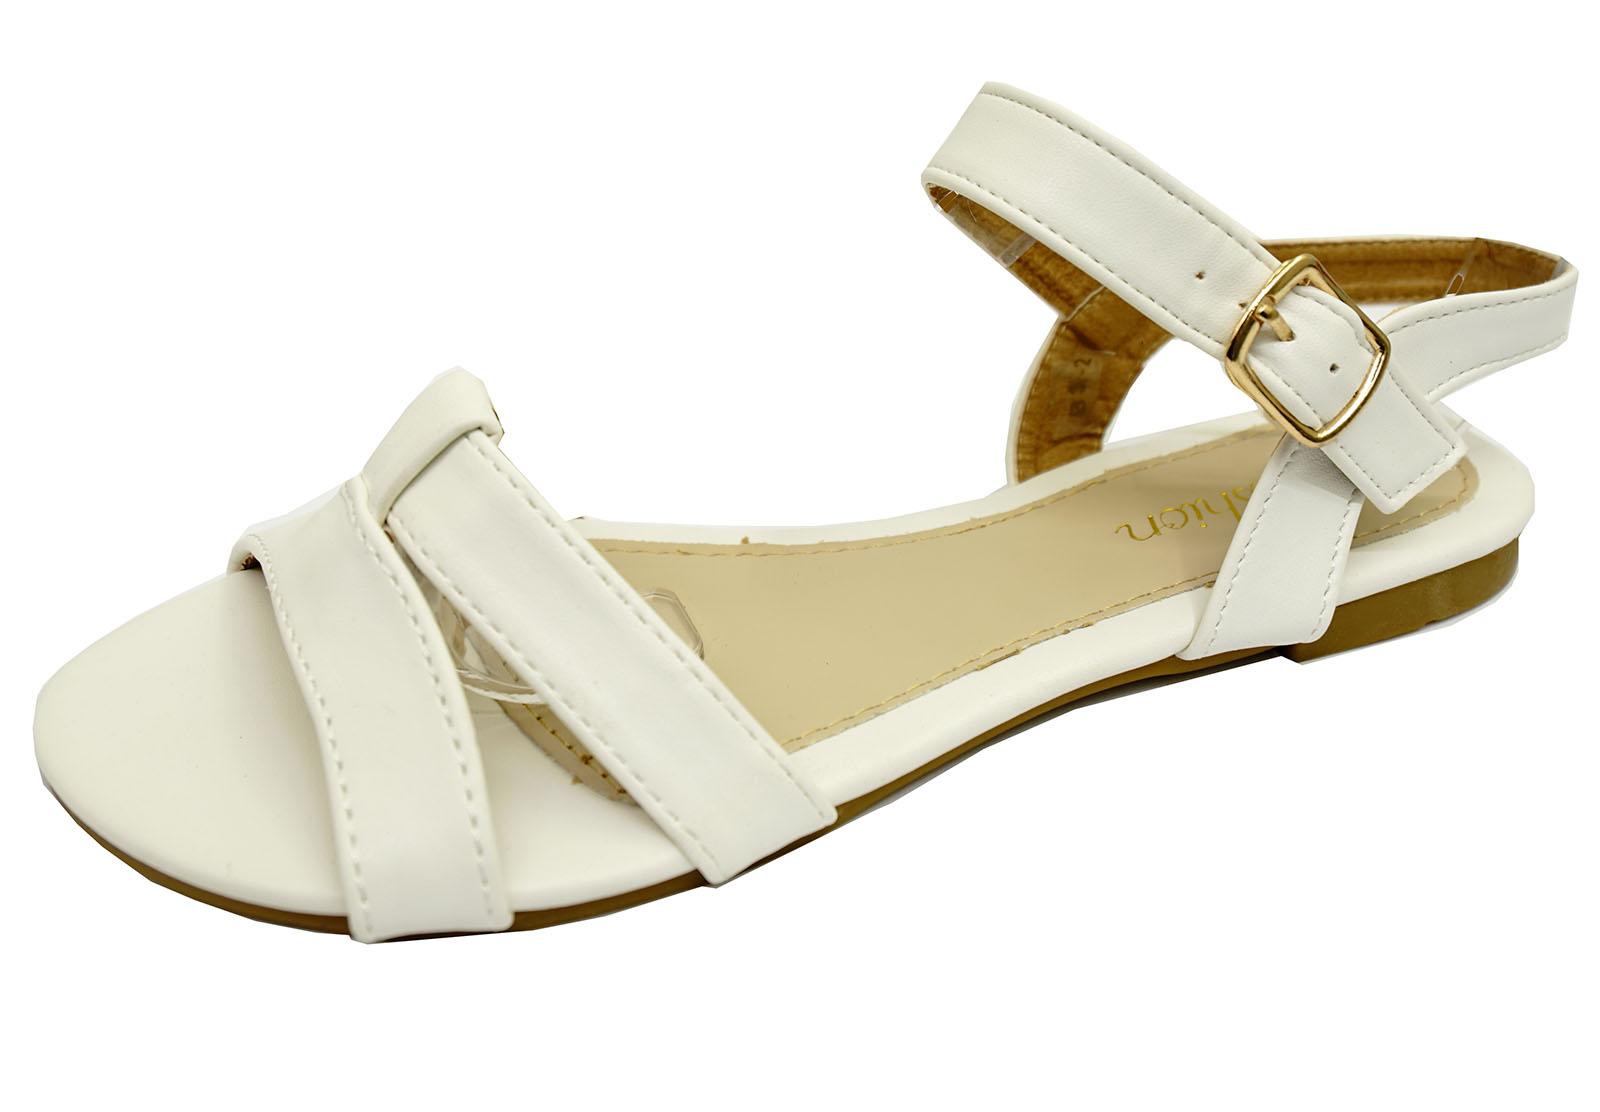 Mujer Blanca Plana Sin Puntera Cómodos Zapatos Sandalias De Verano Tamaños 3-8 bombas de vacaciones